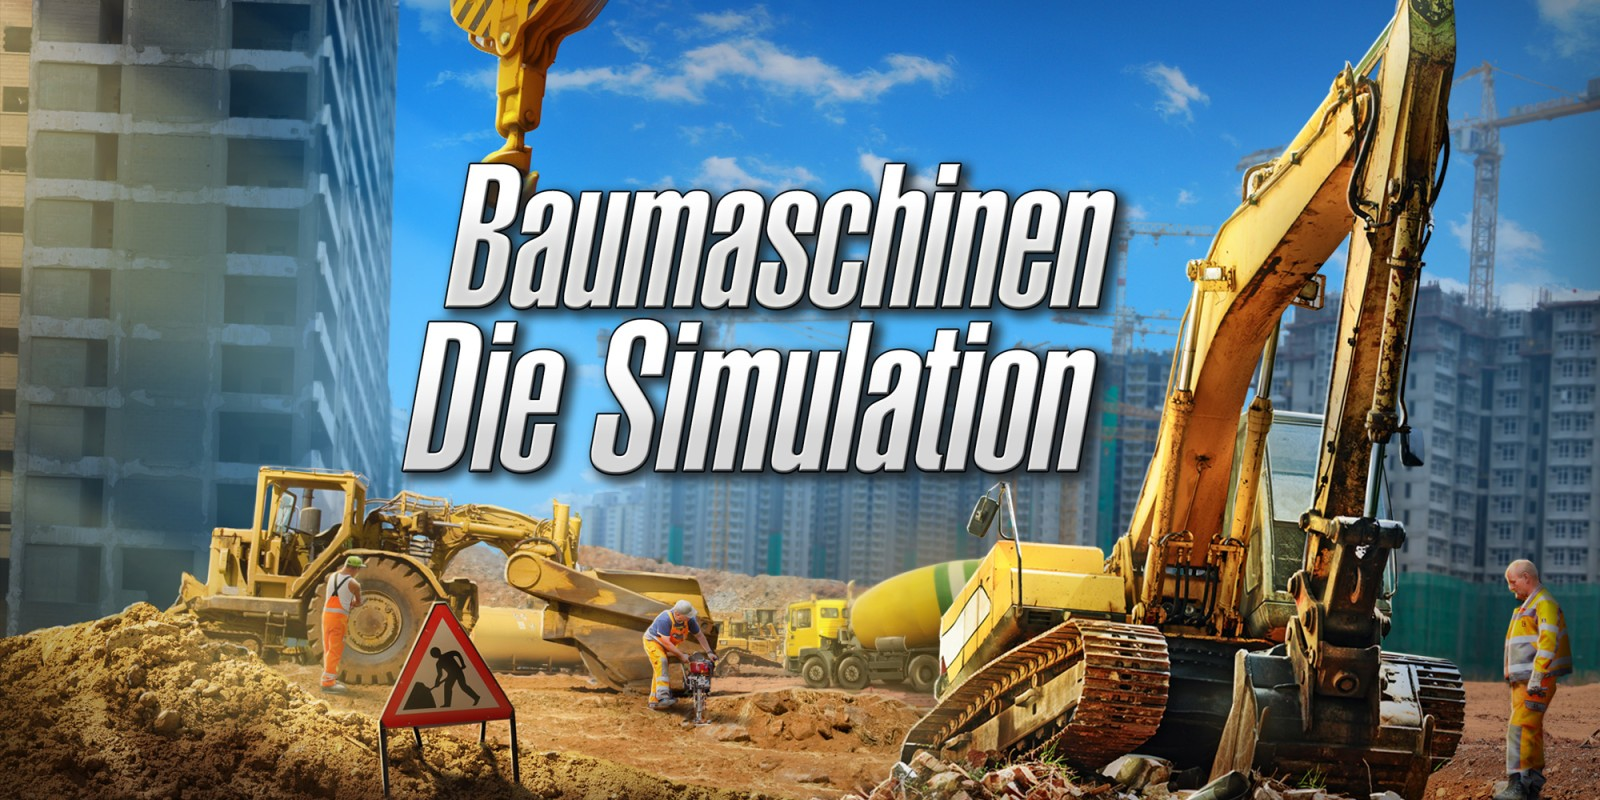 Baumaschinen - Die Simulation